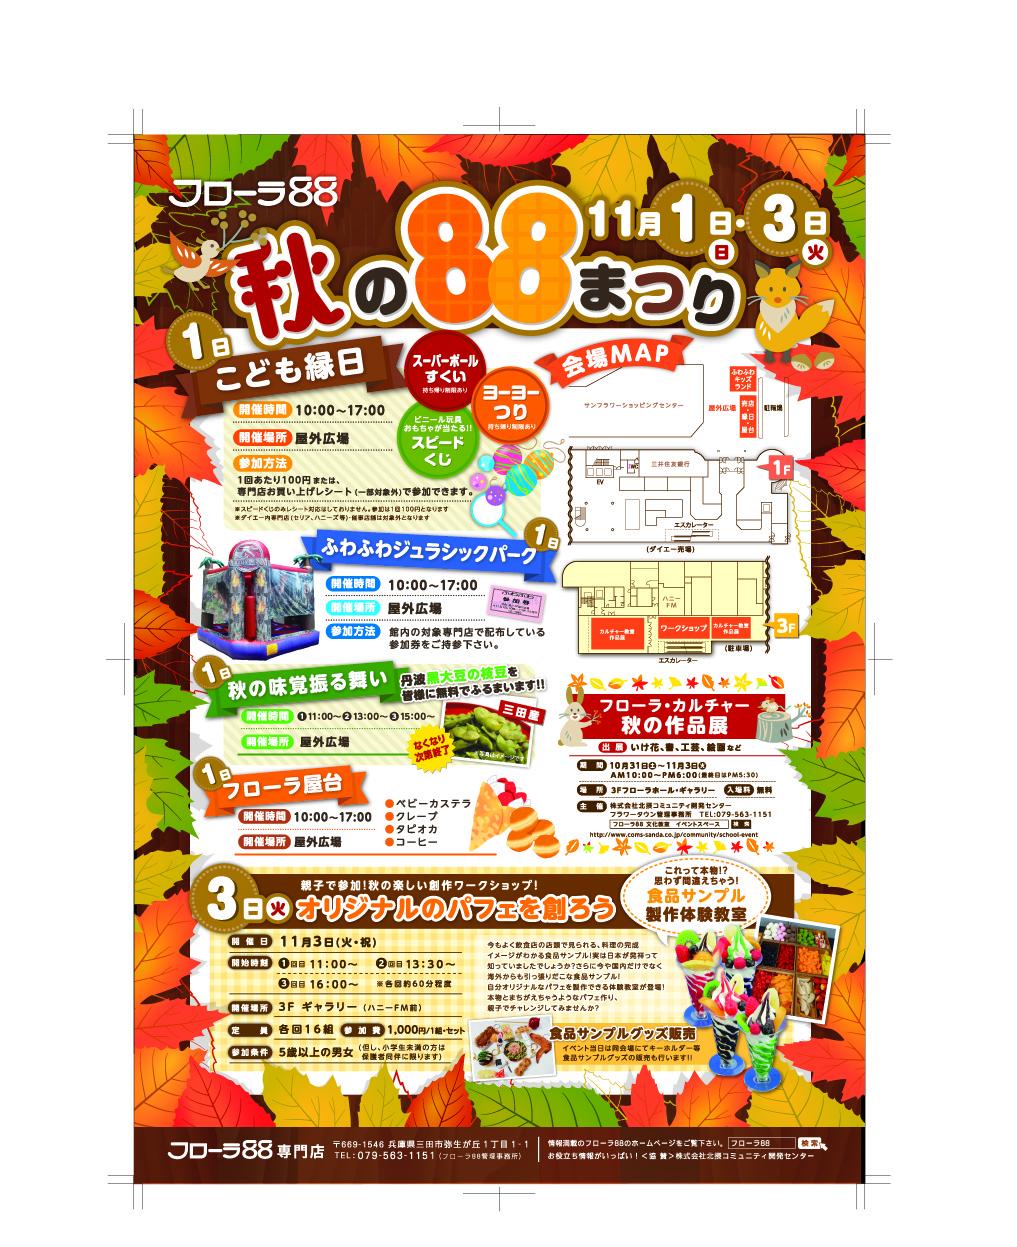 1023-88matsuri_omote